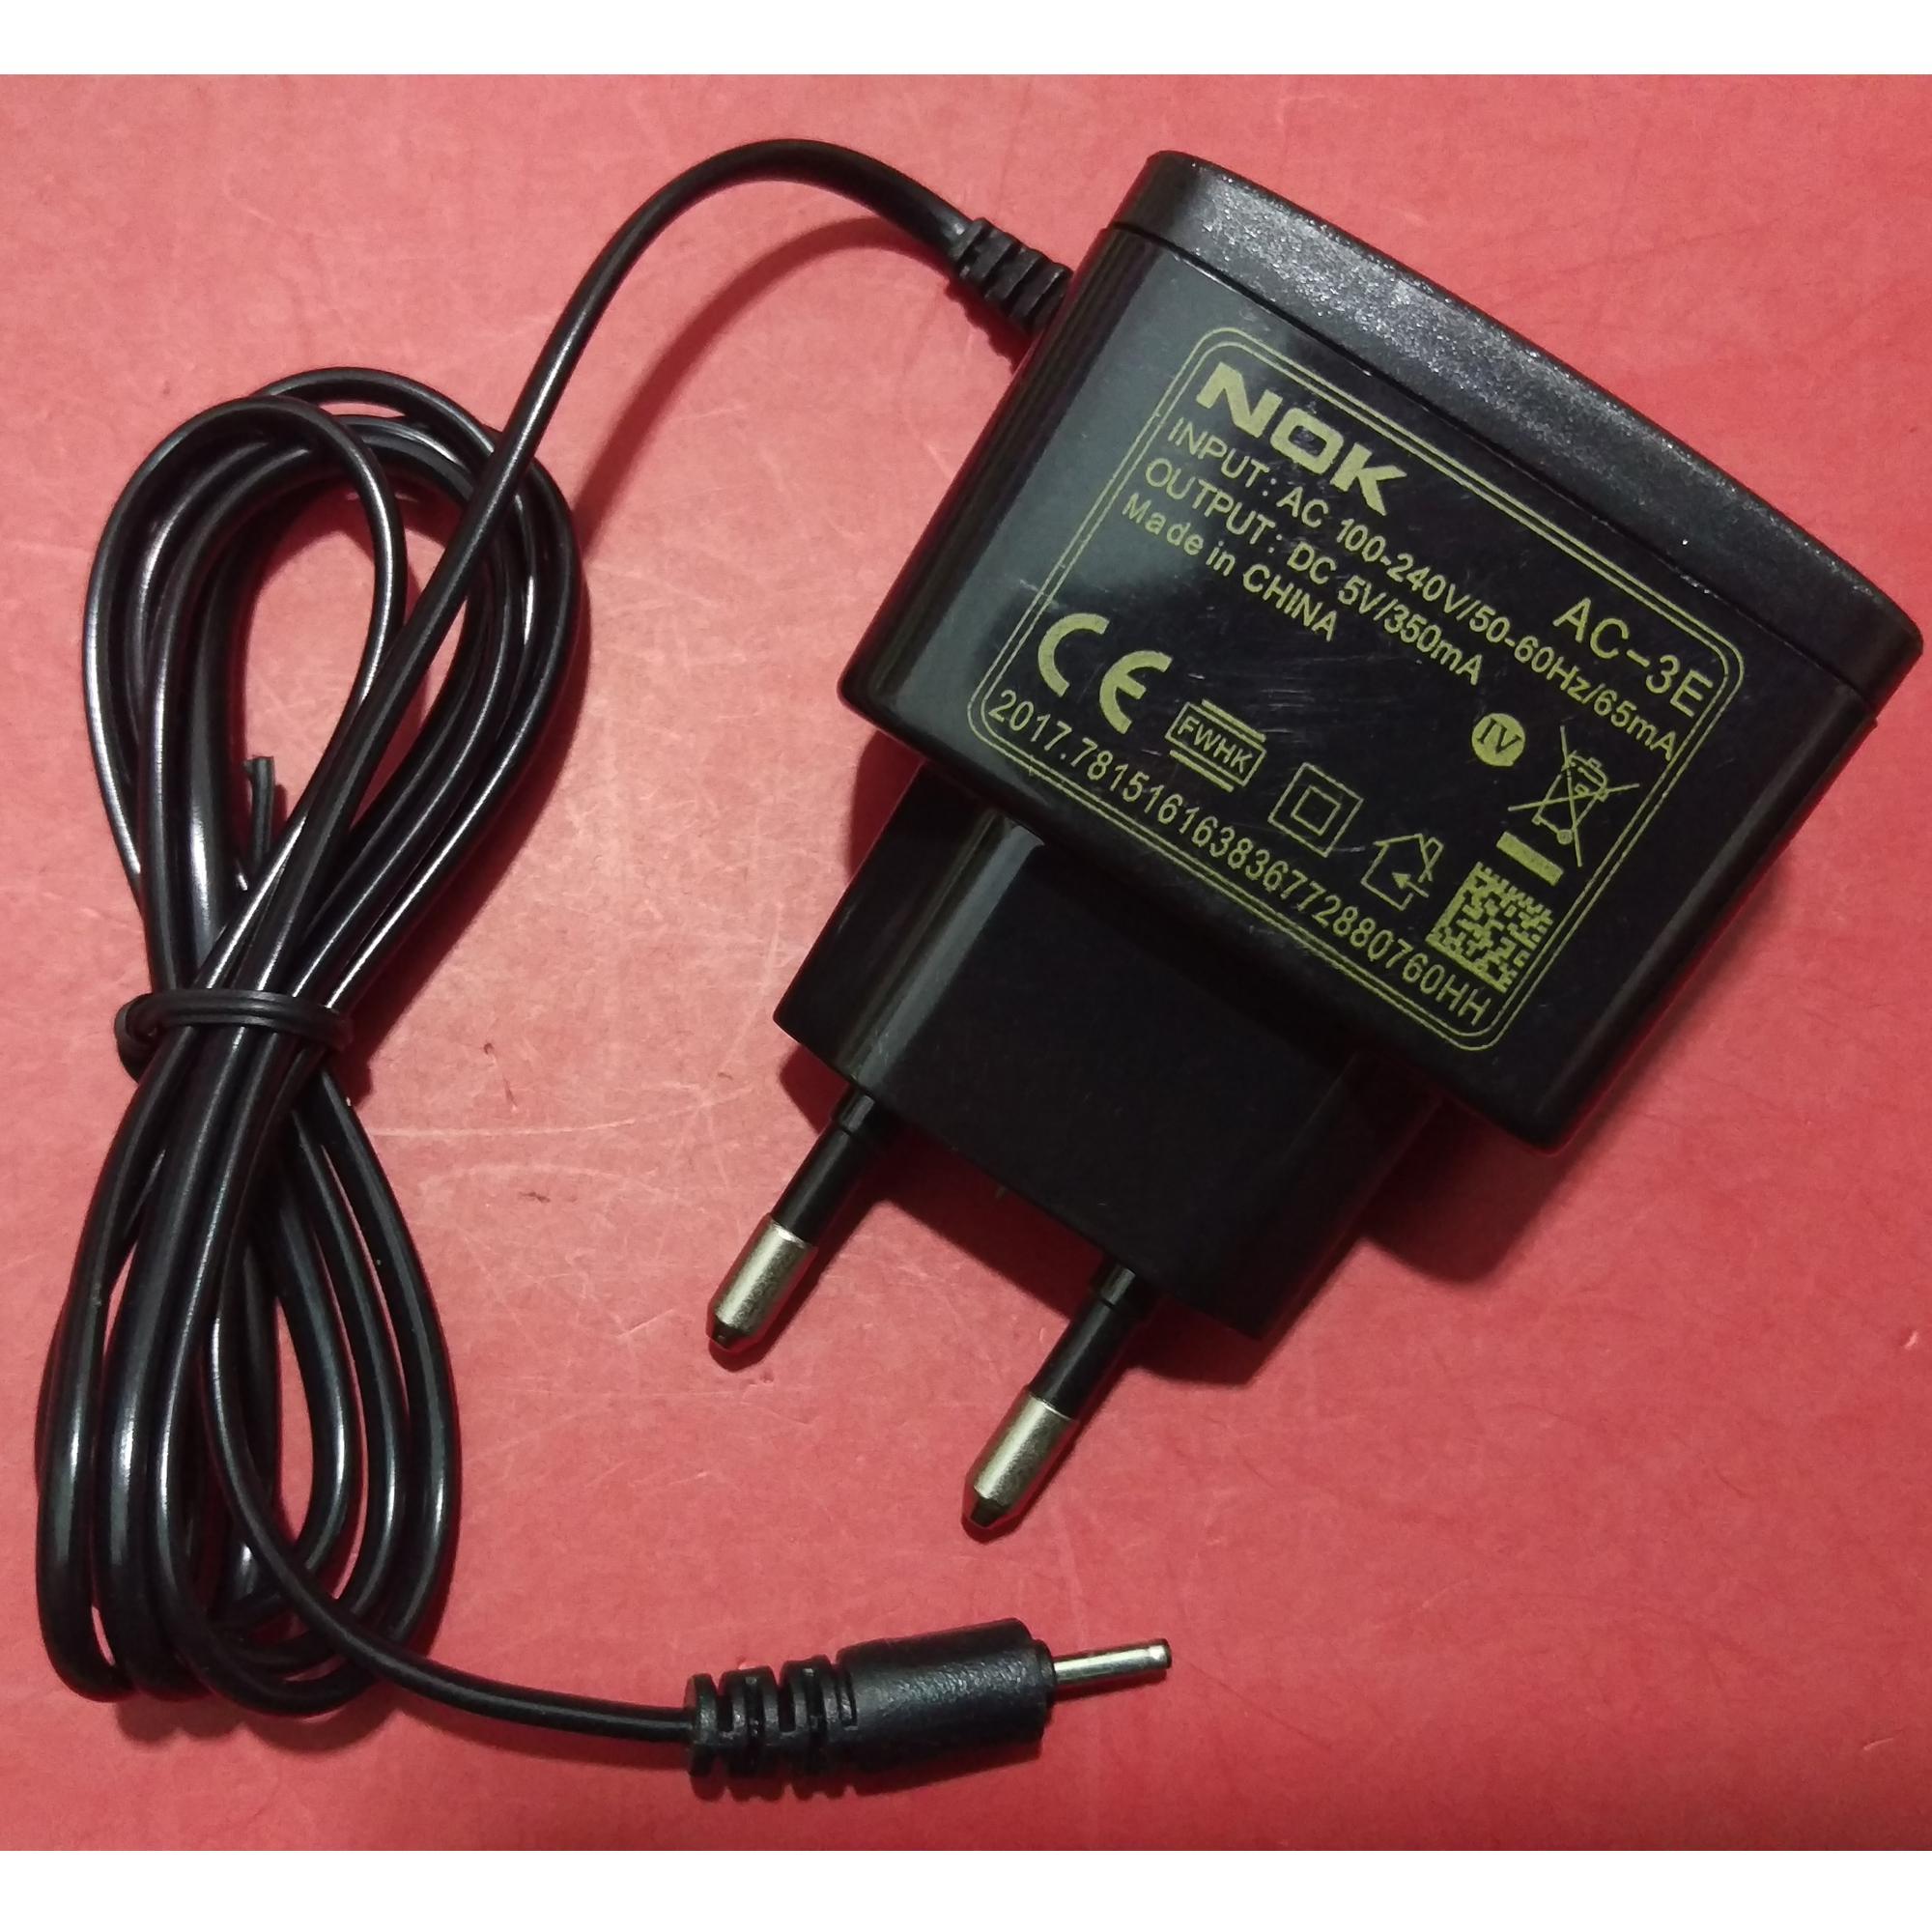 Sạc Zin Cho điện thoại Nokia chân nhỏ - Chân Kim N1280-N1200-N6300